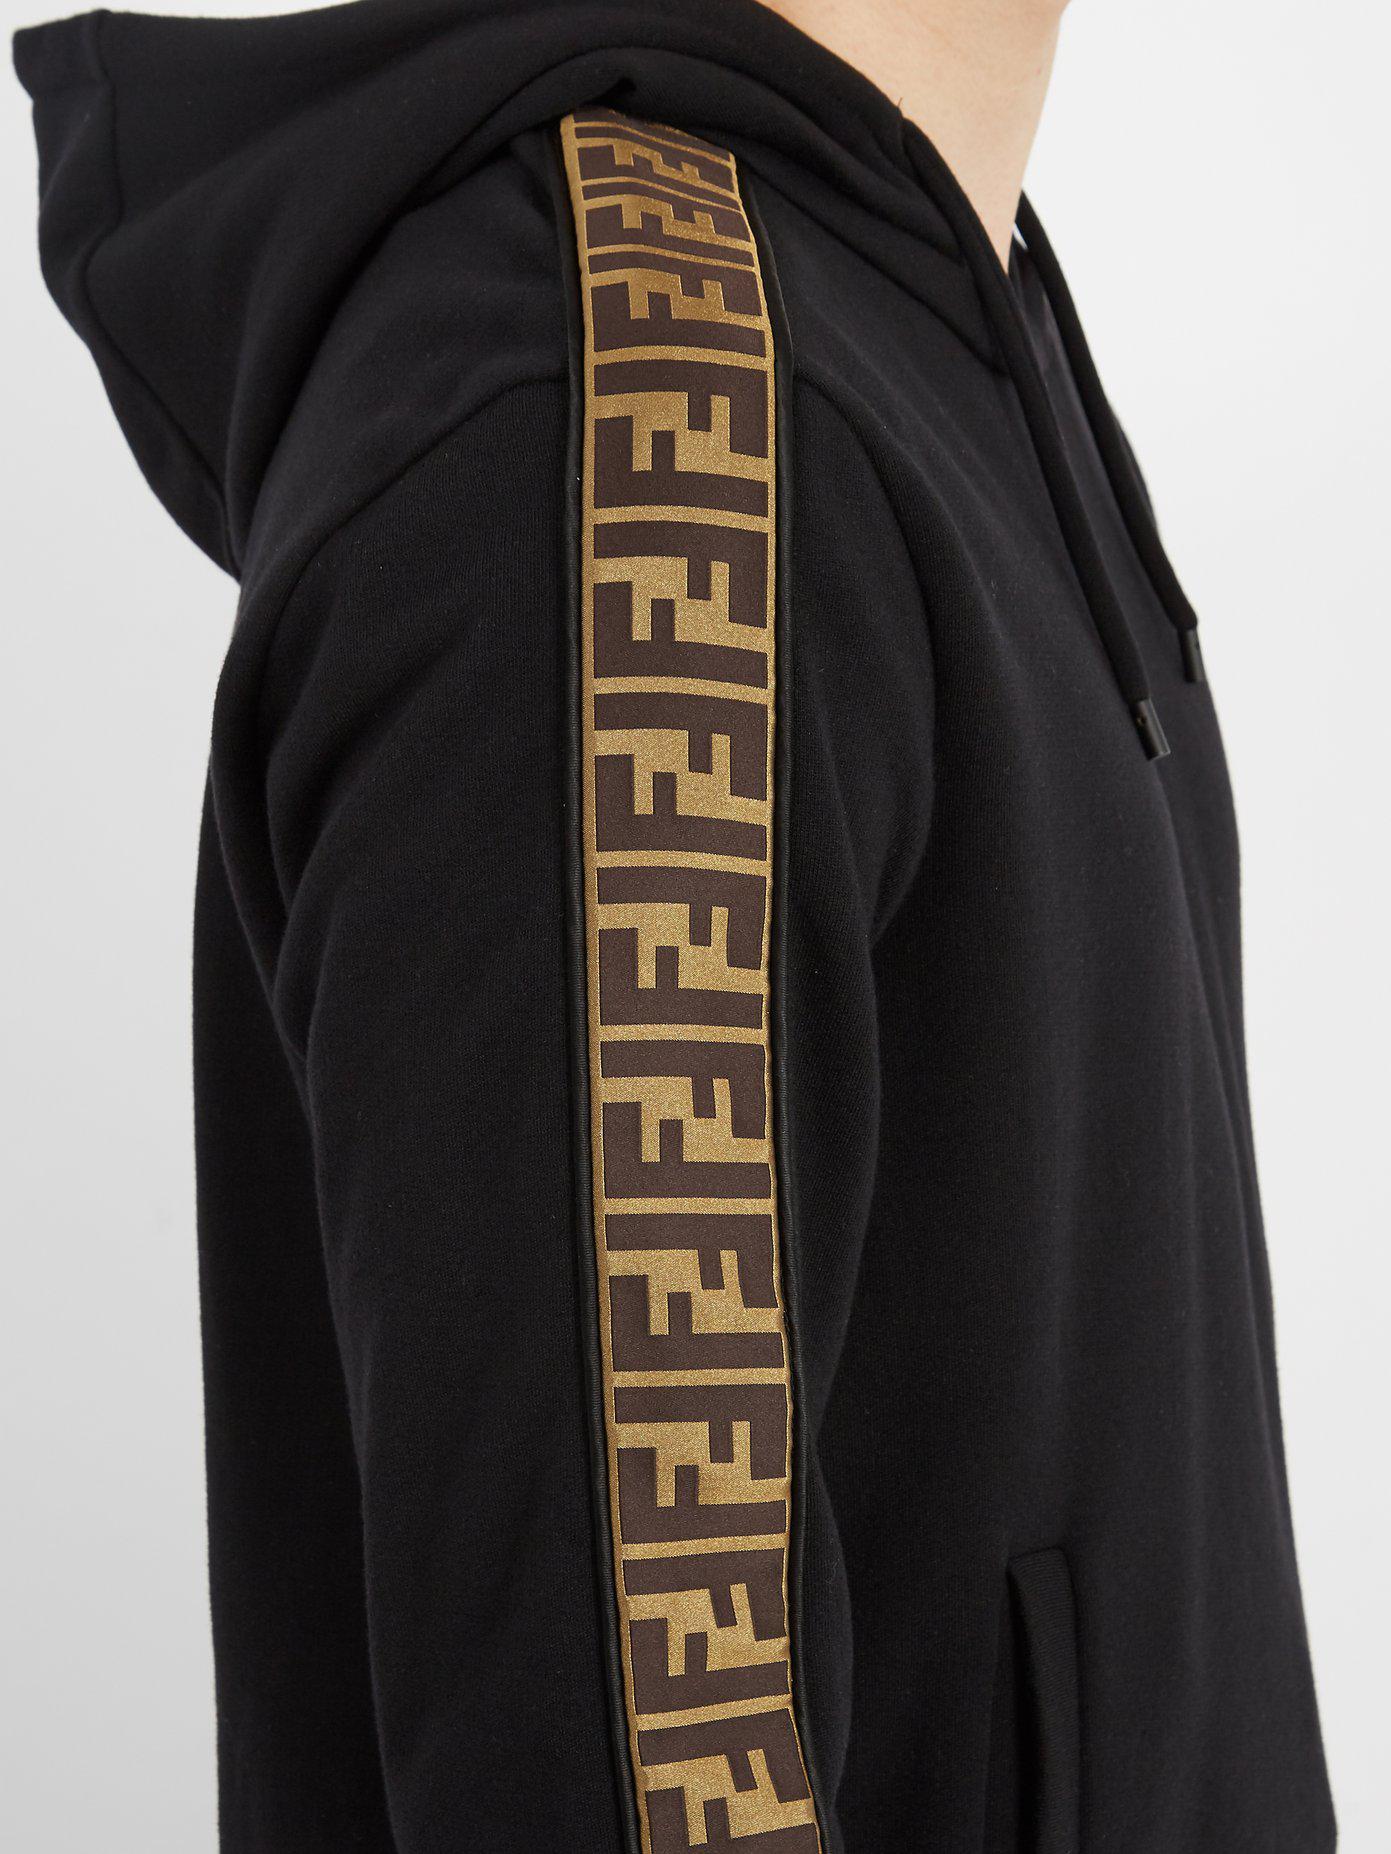 265f77f5b58d Lyst - Fendi Logo-jacquard Tape-trimmed Hooded Sweatshirt in Black ...